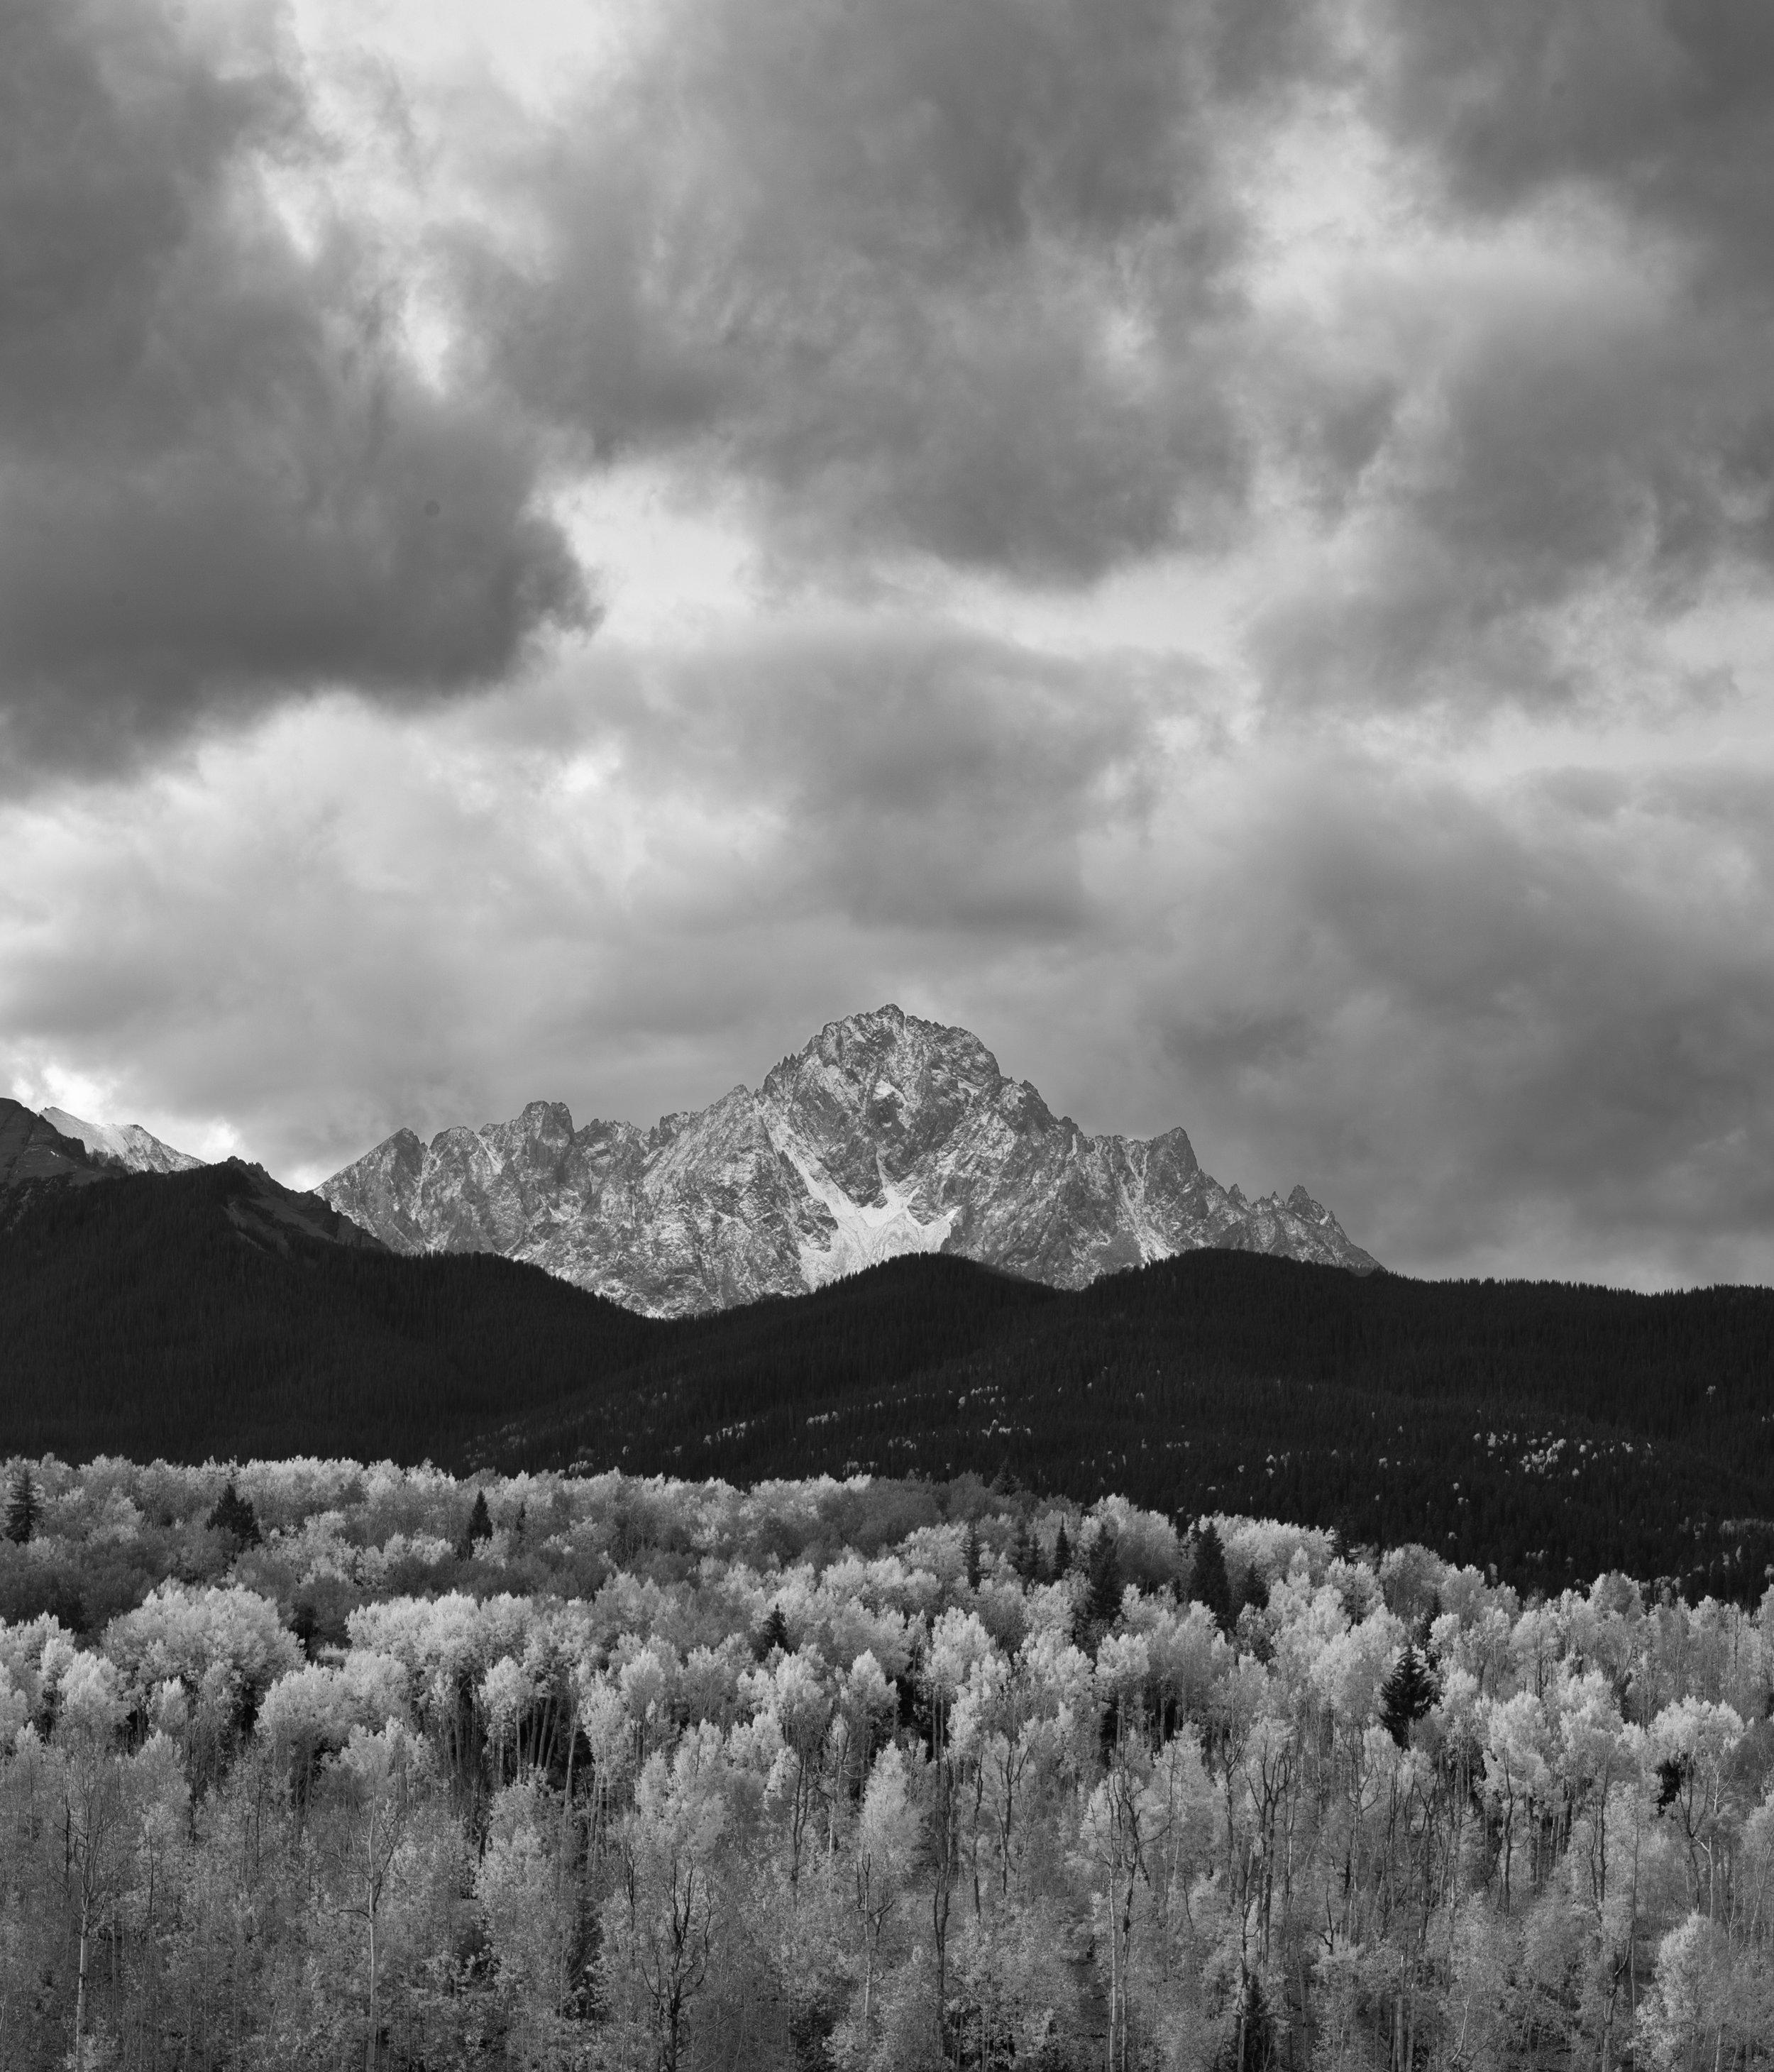 Tims-Colorado-1.jpg